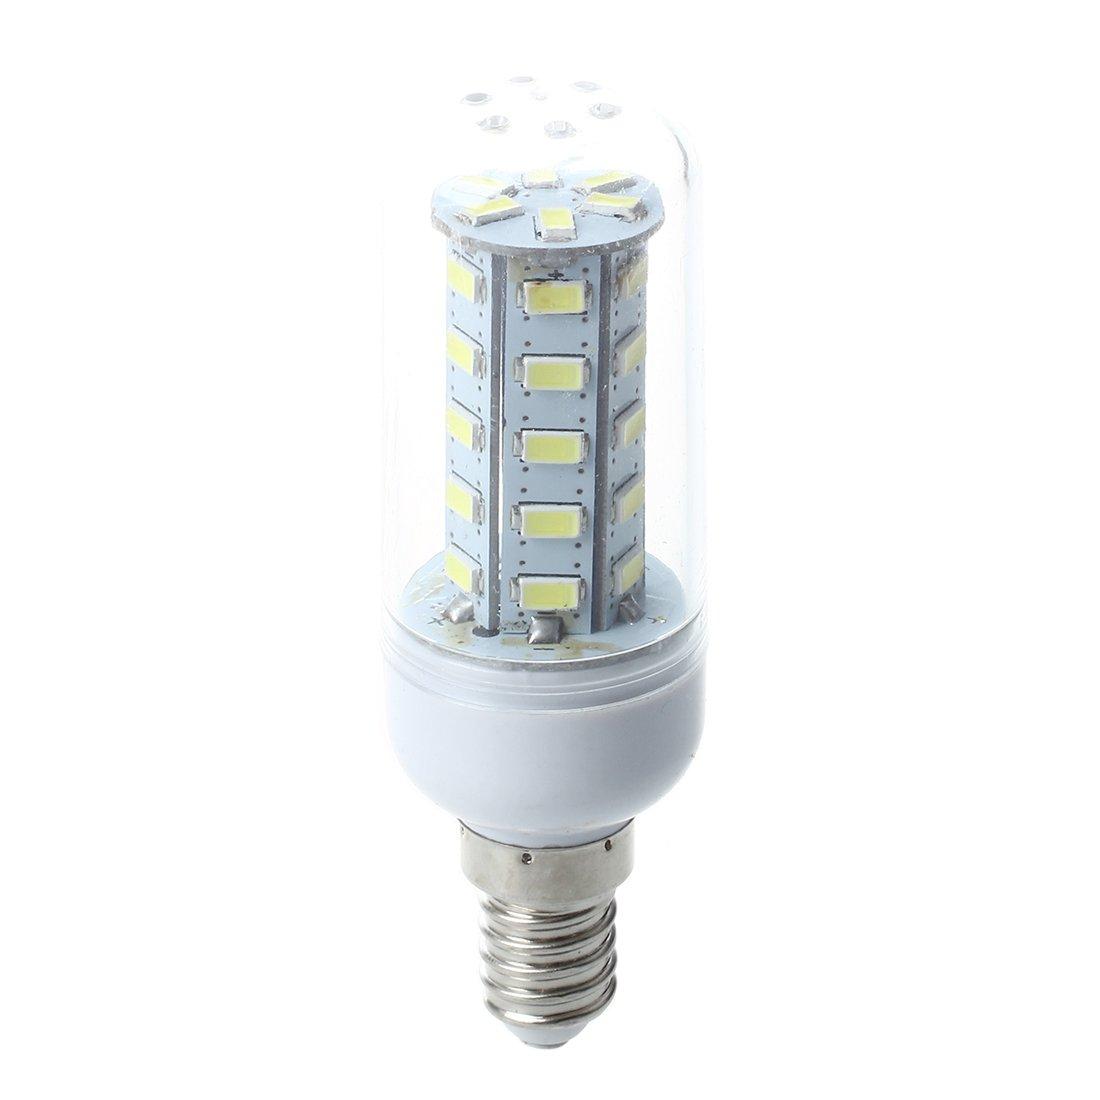 TOOGOO (R) E14 3.5W 36 LED 5630 SMD Foco Lmpara Bombilla 6500K 350LM Luz Blanco